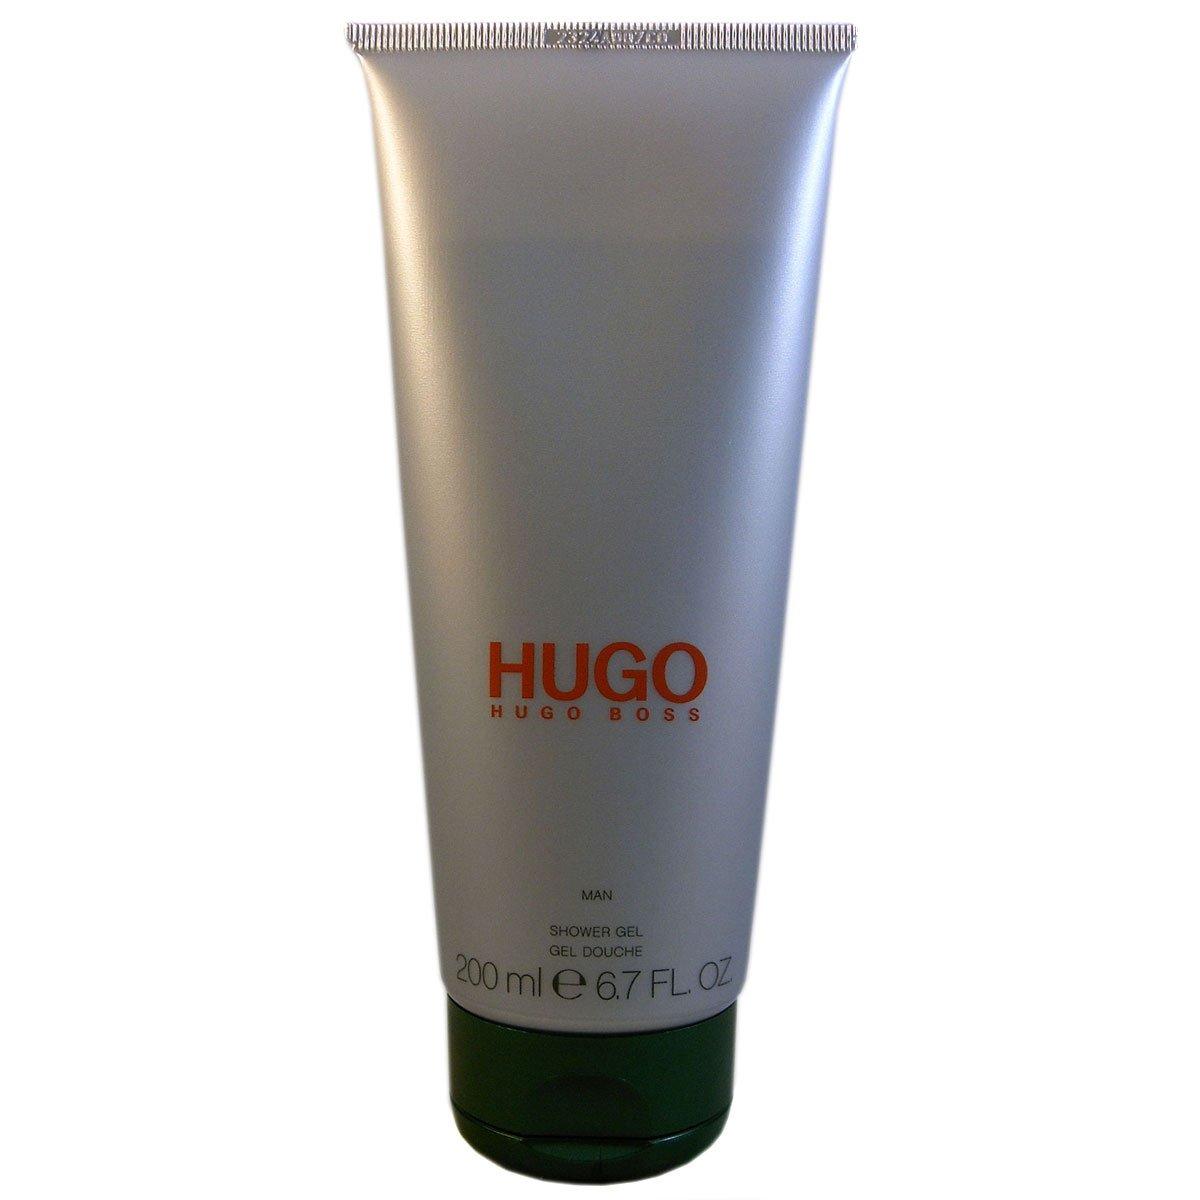 Hugo Boss Homme Men Shower Gel 200 ml Procter & Gamble 120817 P-HB-611-B5_-200ml